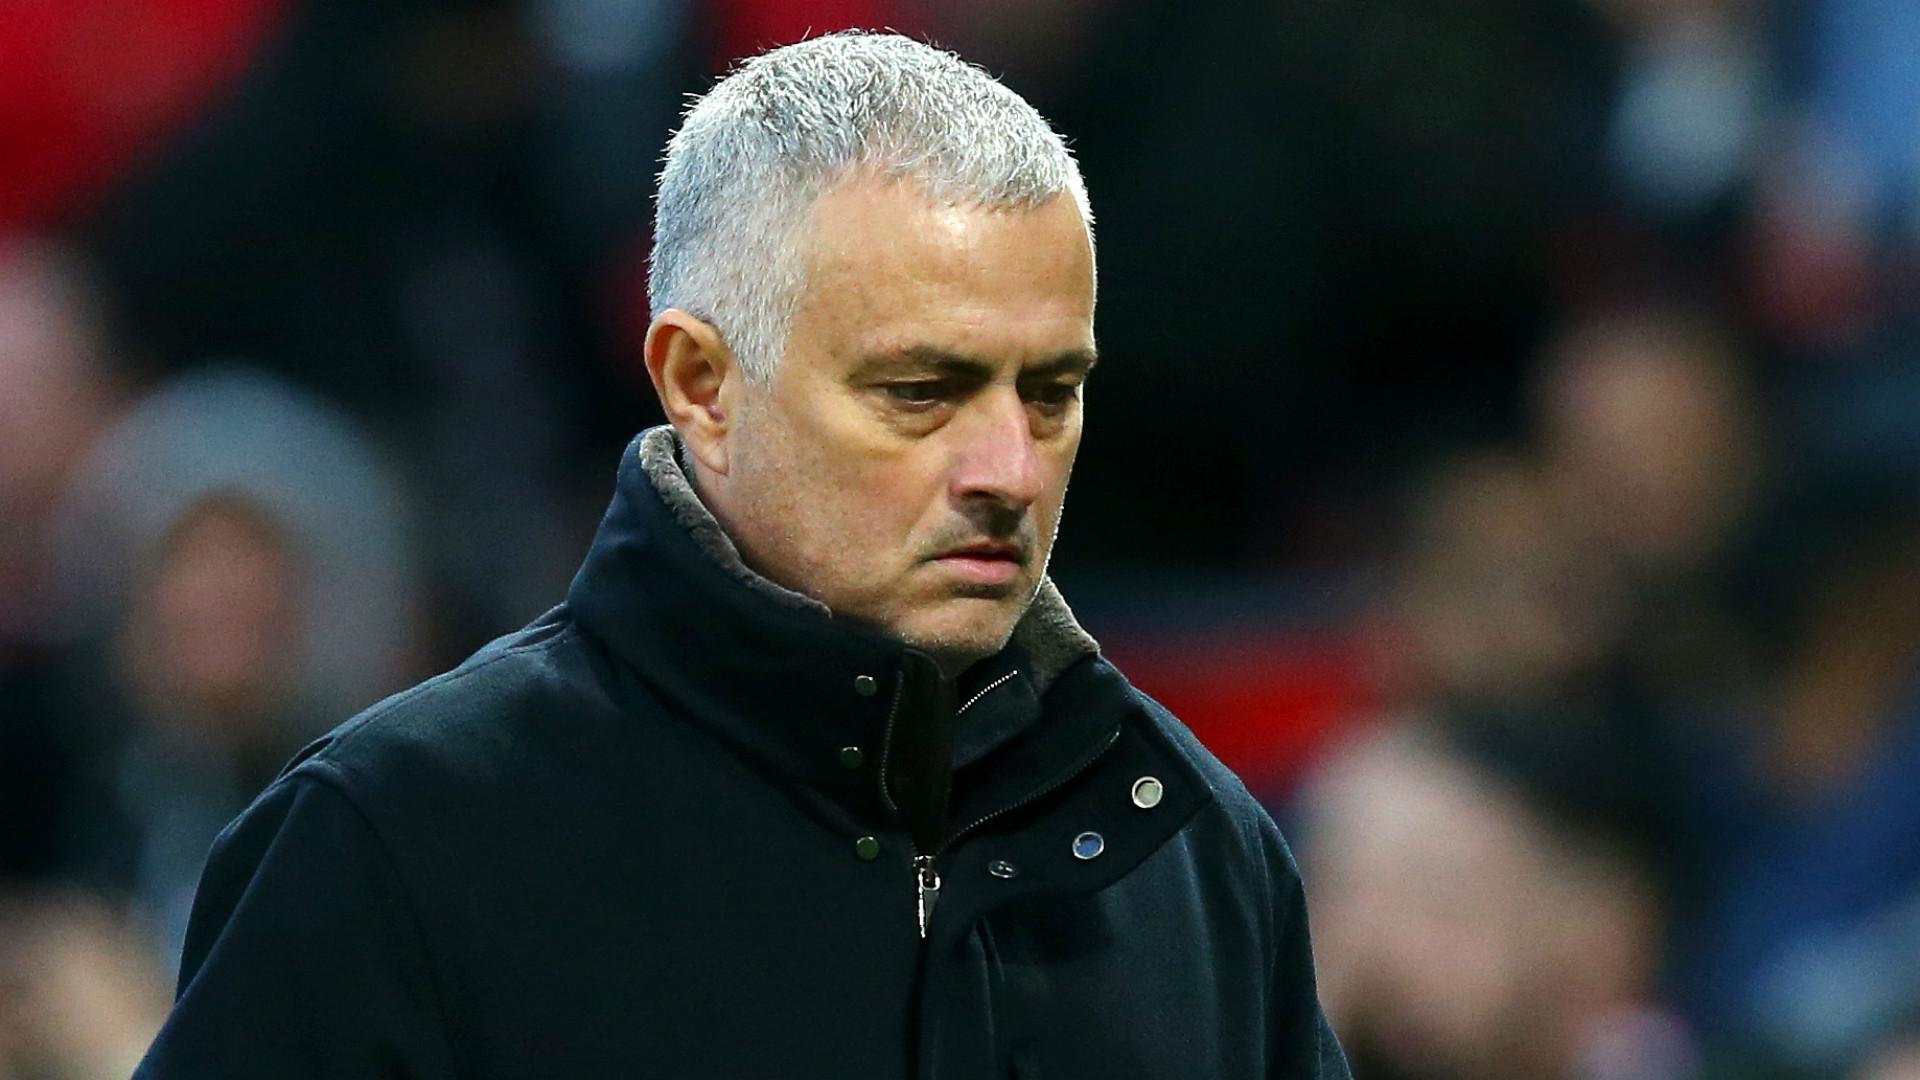 Mourinho và những HLV có thể tiếp bước 'mất ghế' sau Hughes - Bóng Đá